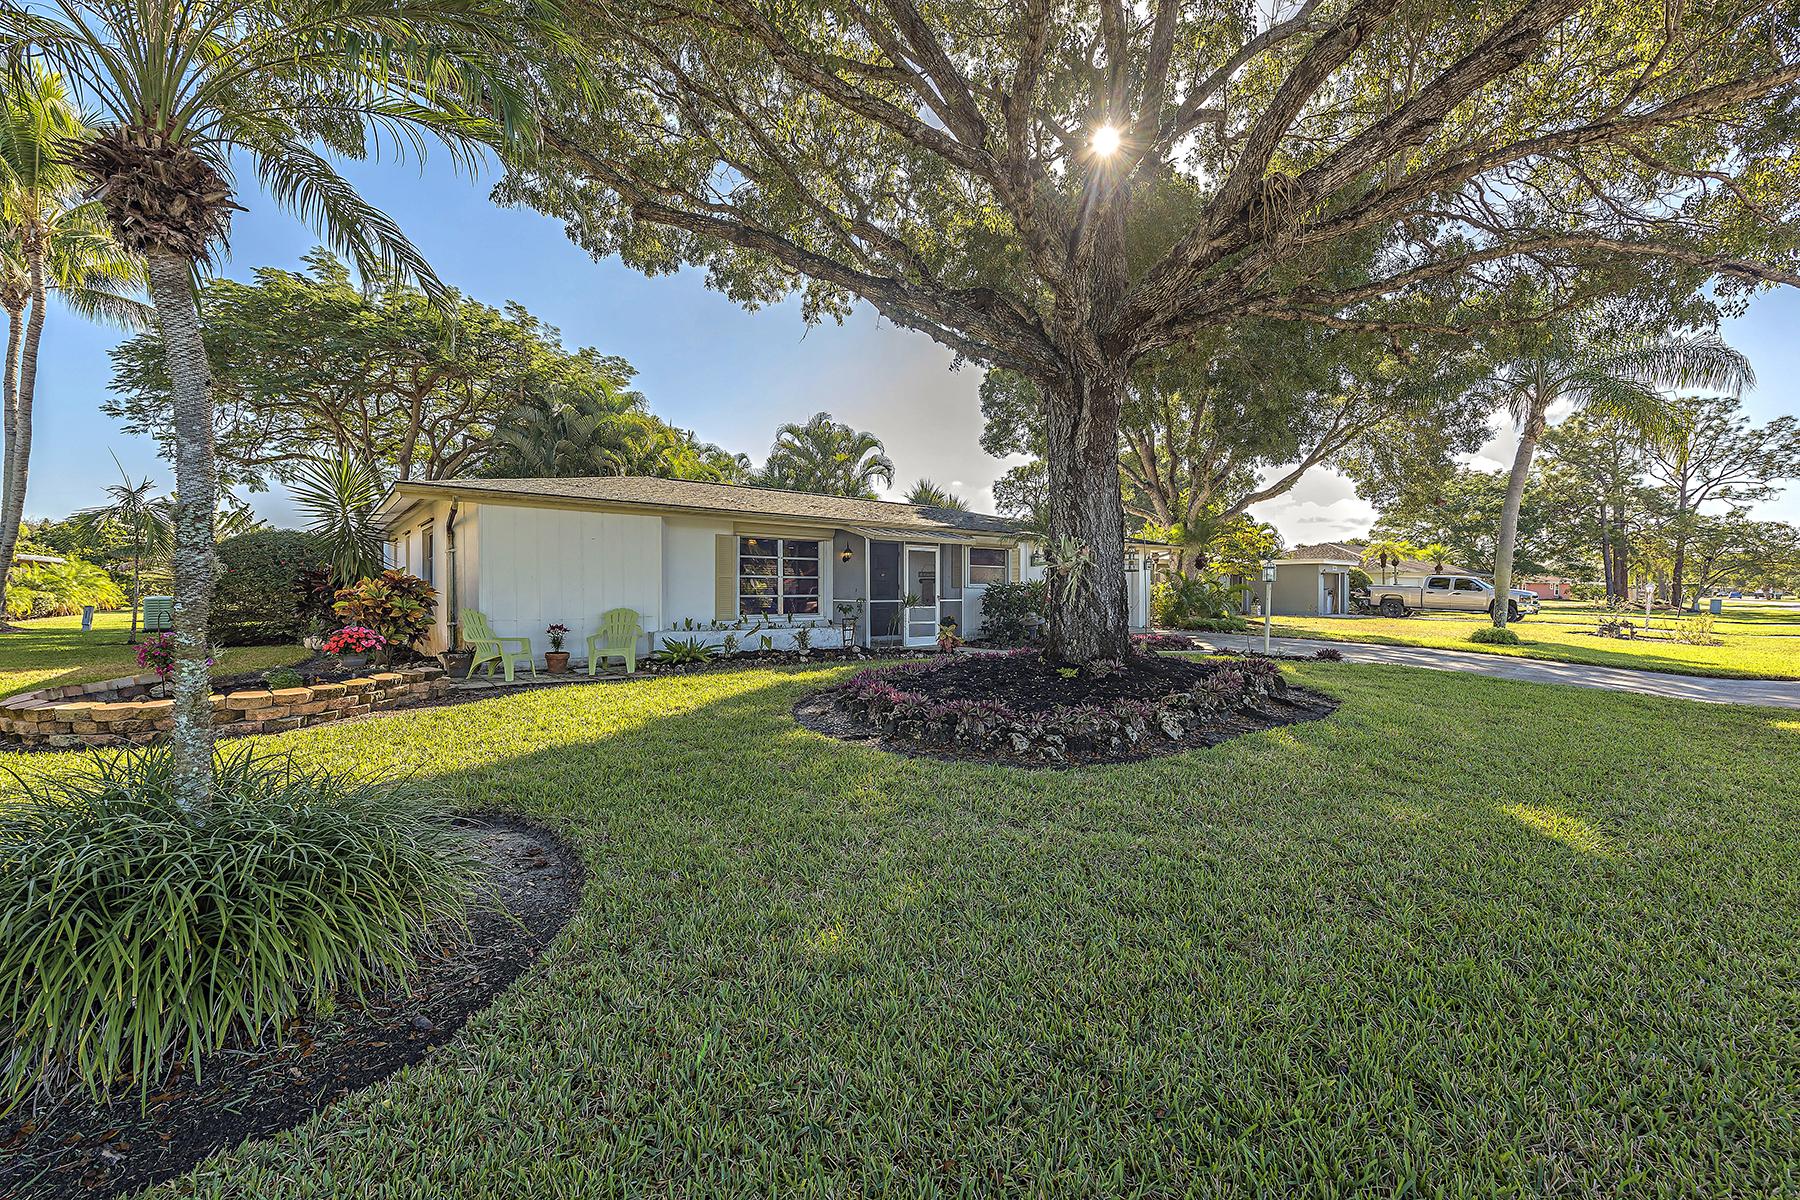 단독 가정 주택 용 매매 에 4805 Hawaii Blvd , Naples, FL 34112 4805 Hawaii Blvd Naples, 플로리다, 34112 미국